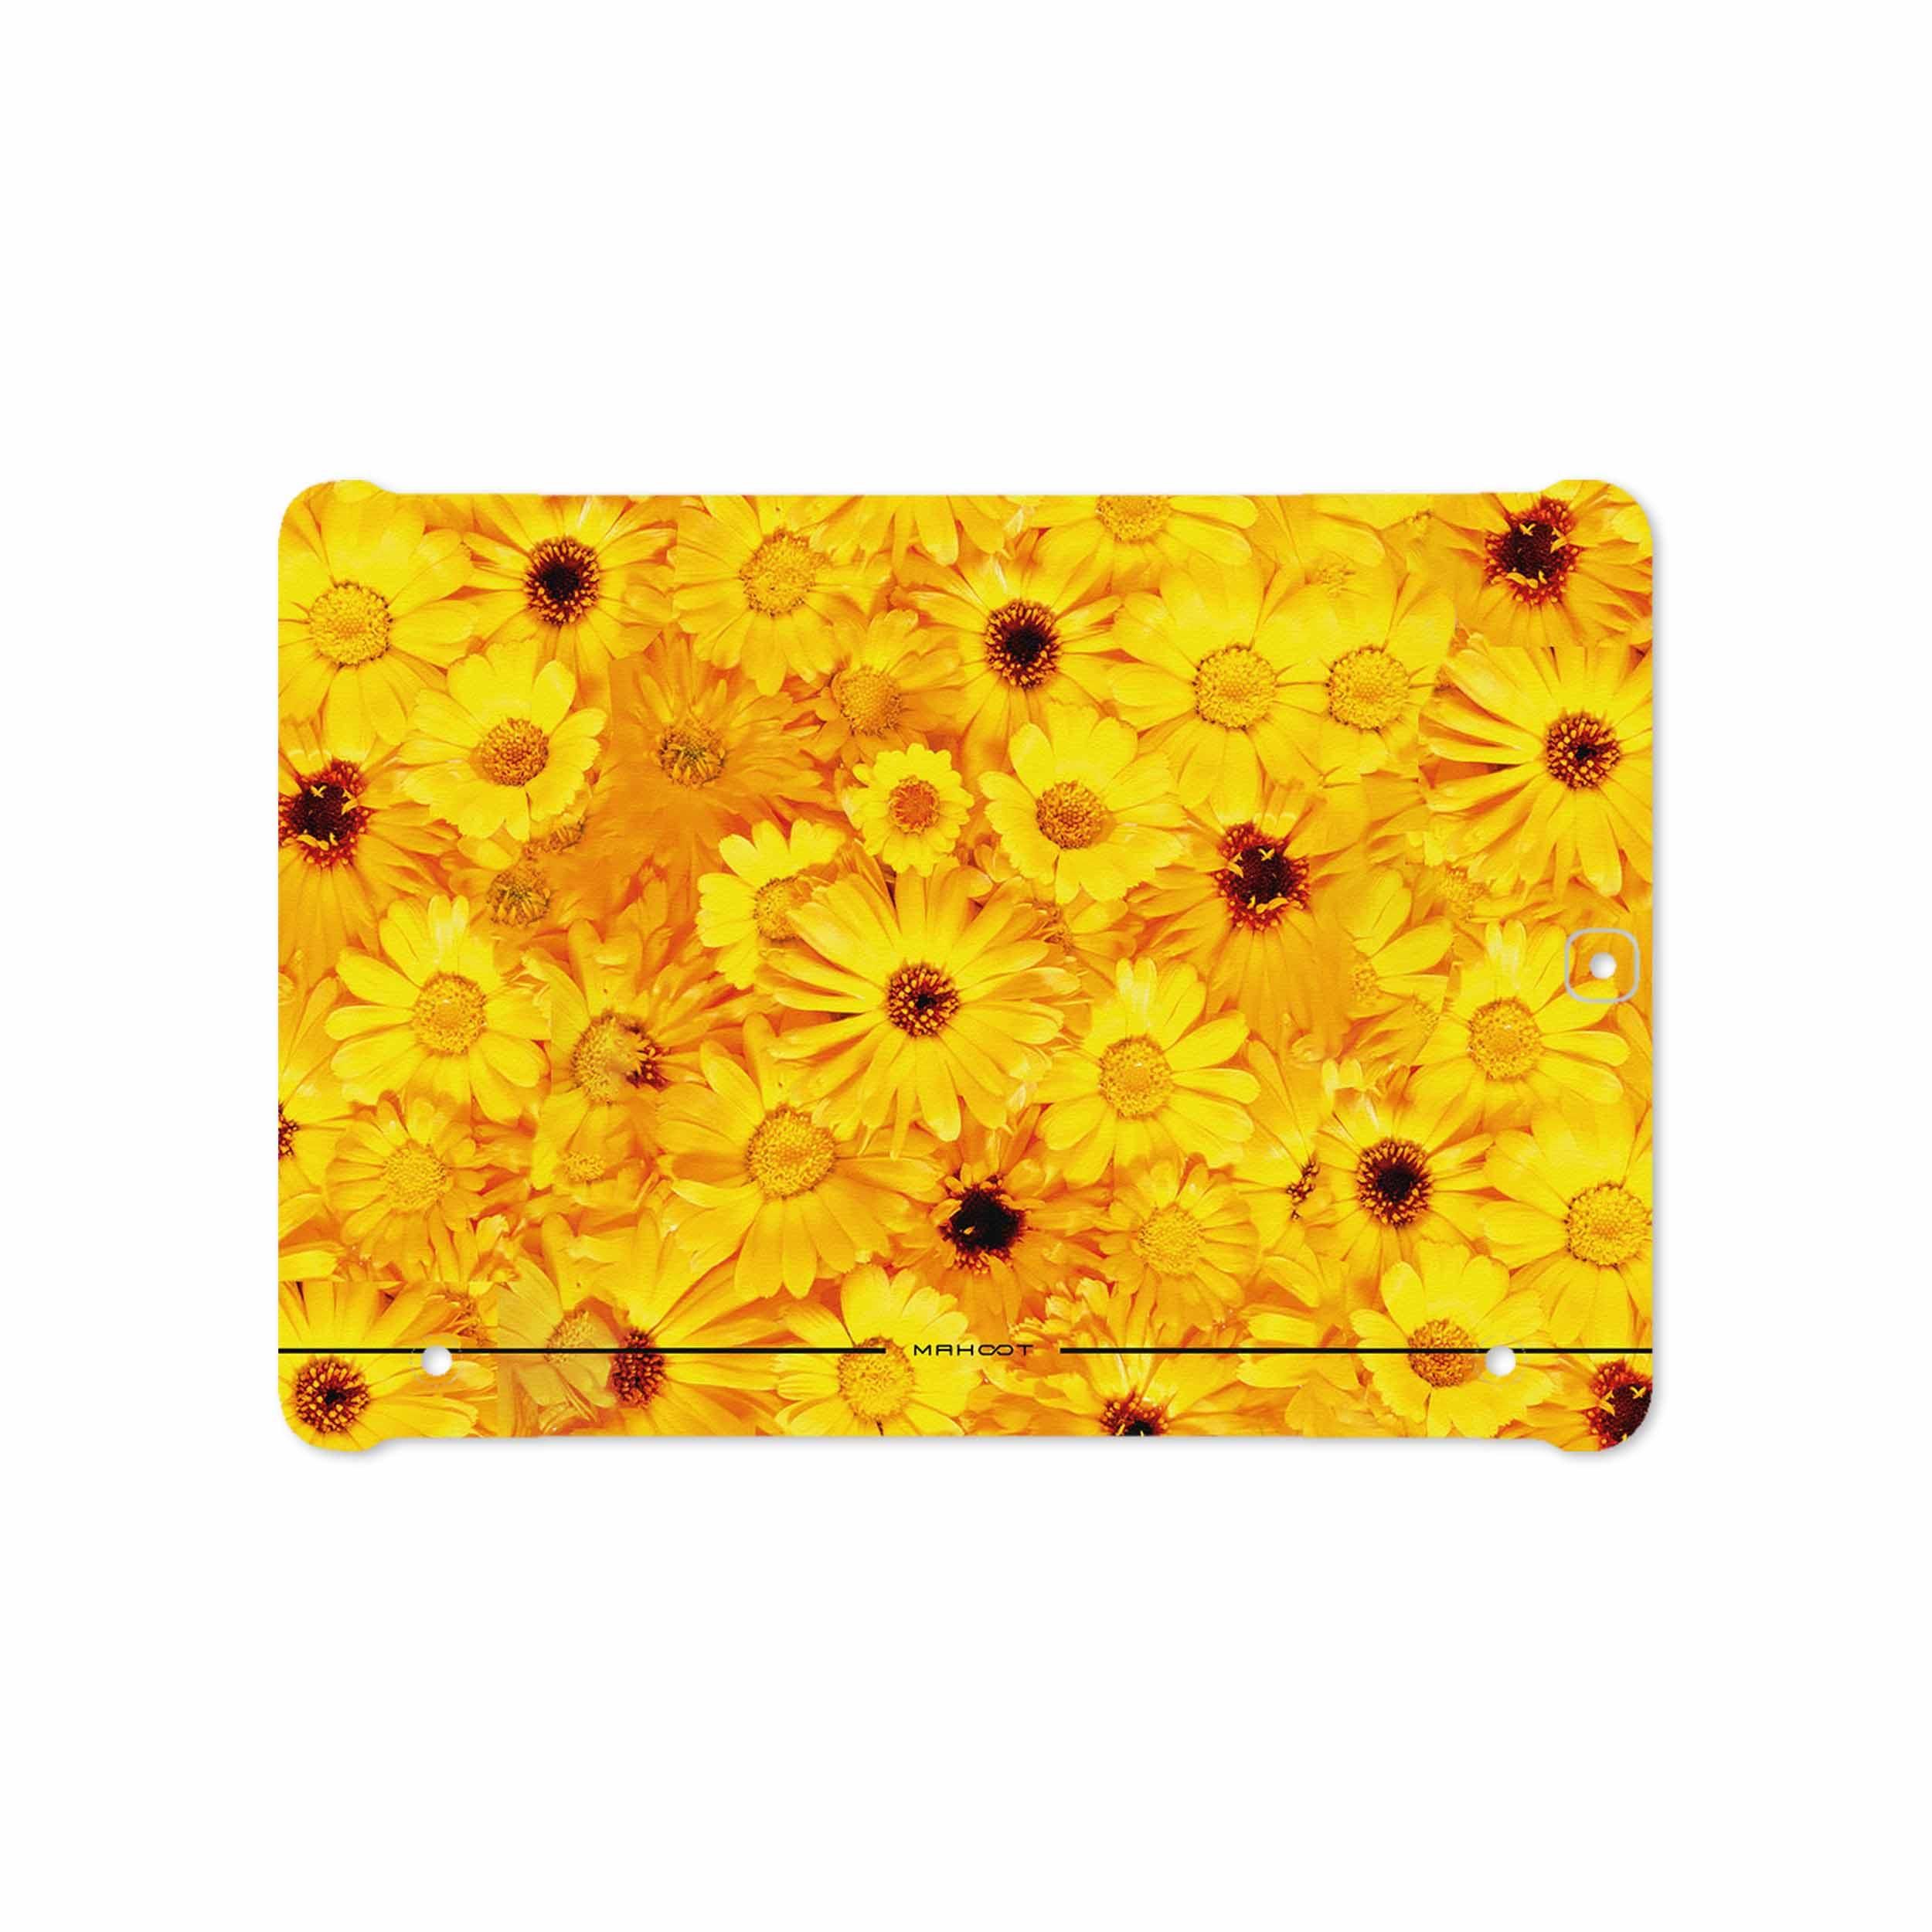 بررسی و خرید [با تخفیف]                                     برچسب پوششی ماهوت مدل Yellow-Flower مناسب برای تبلت سامسونگ Galaxy Tab S2 9.7 2015 T810                             اورجینال